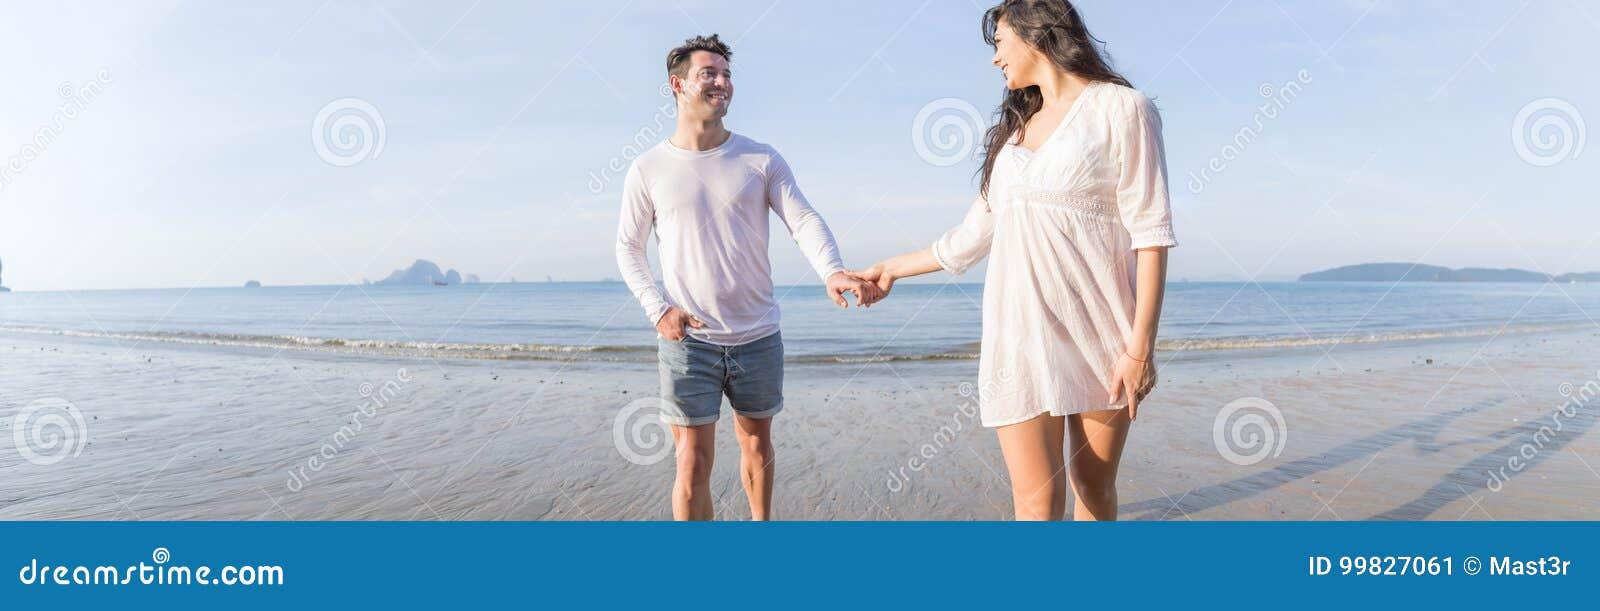 Coppie sulle vacanze estive della spiaggia, bei giovani felici nell amore che camminano, tenersi per mano di sorriso della donna